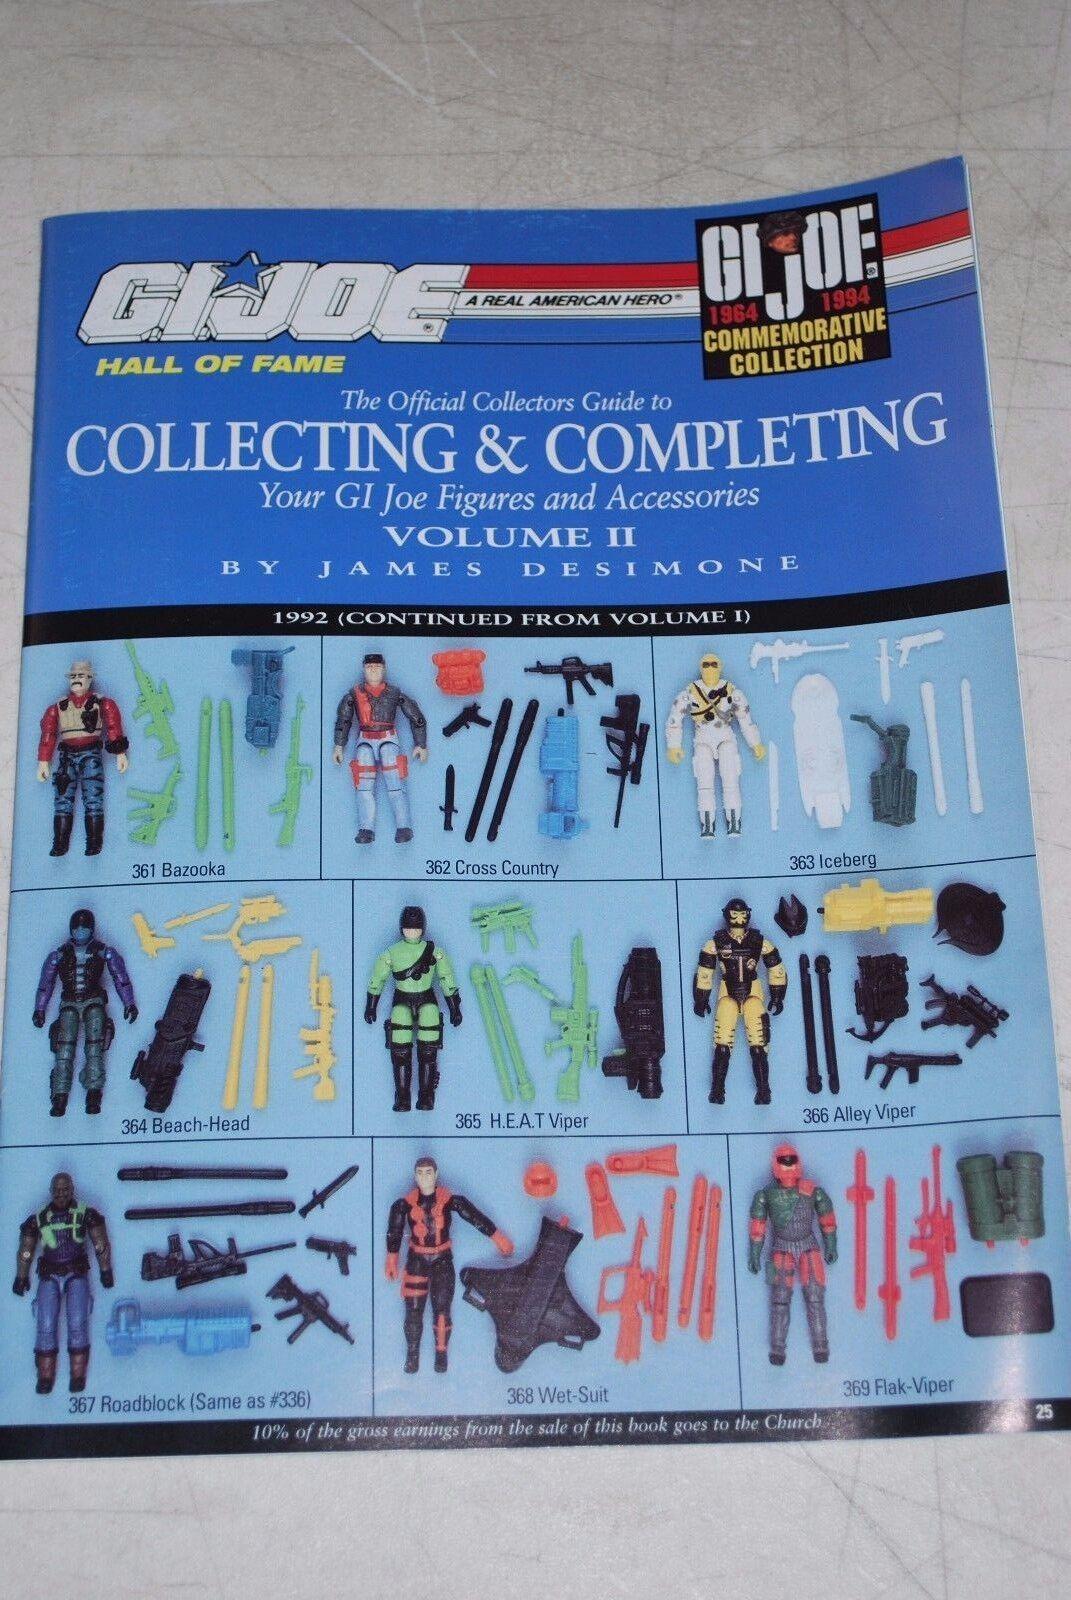 Offiziellen collector 's guide zu sammeln und abschluss ihrer gi joe zahlen vol. 2